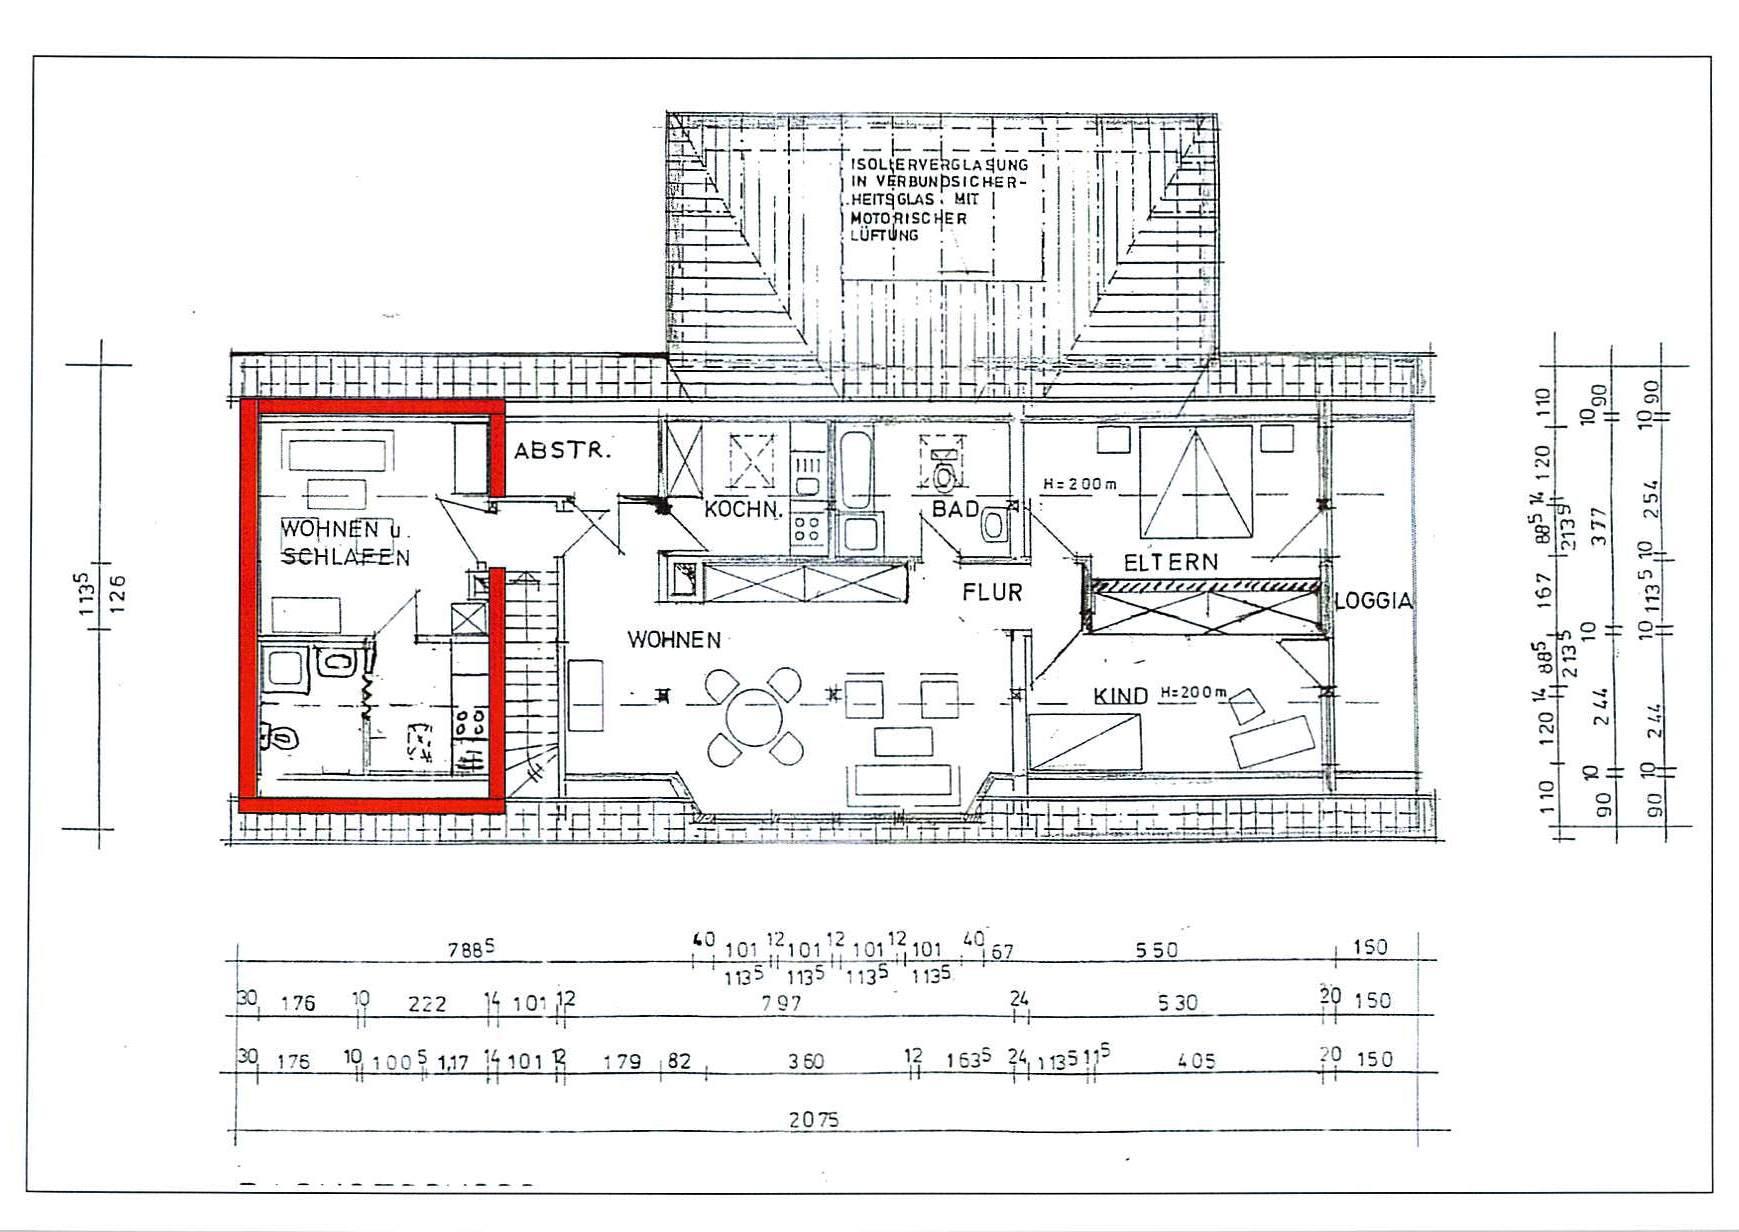 Vermietung 1 Zimmer Wohnung in Lachendorf